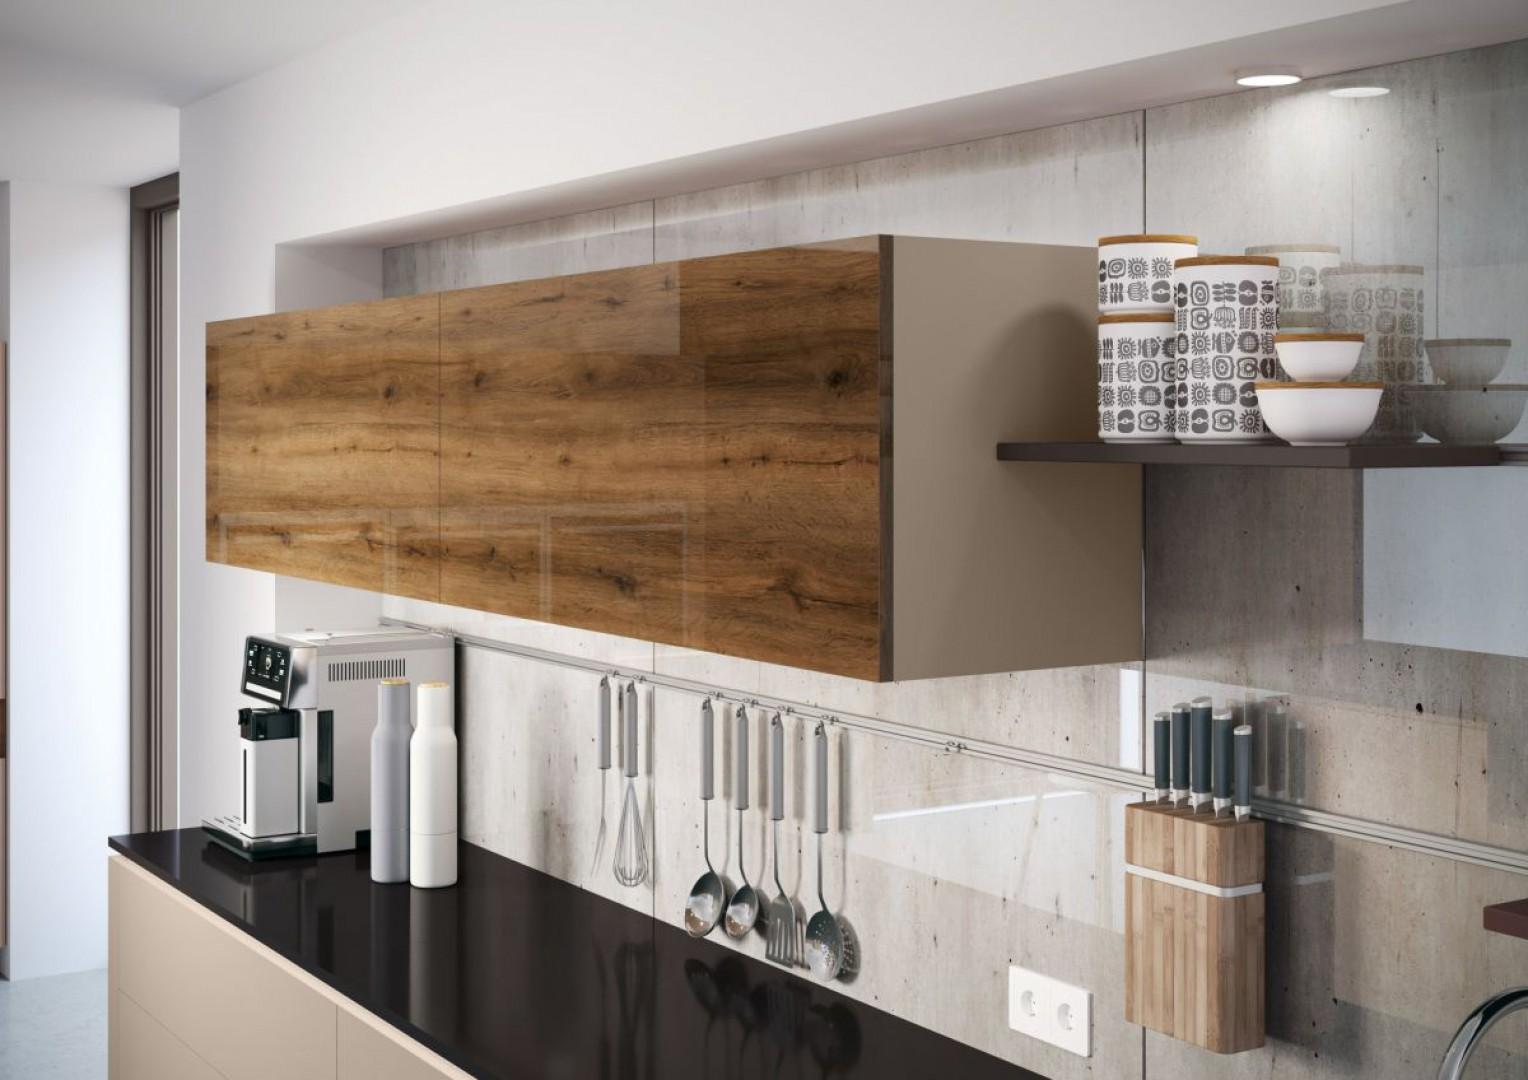 Aby kuchenna aranżacja przetrwała długie lata, projektanci firmy Rehau stworzyli innowacyjne fronty kuchenne Rauvisio crystal decor. Fot. Rehau